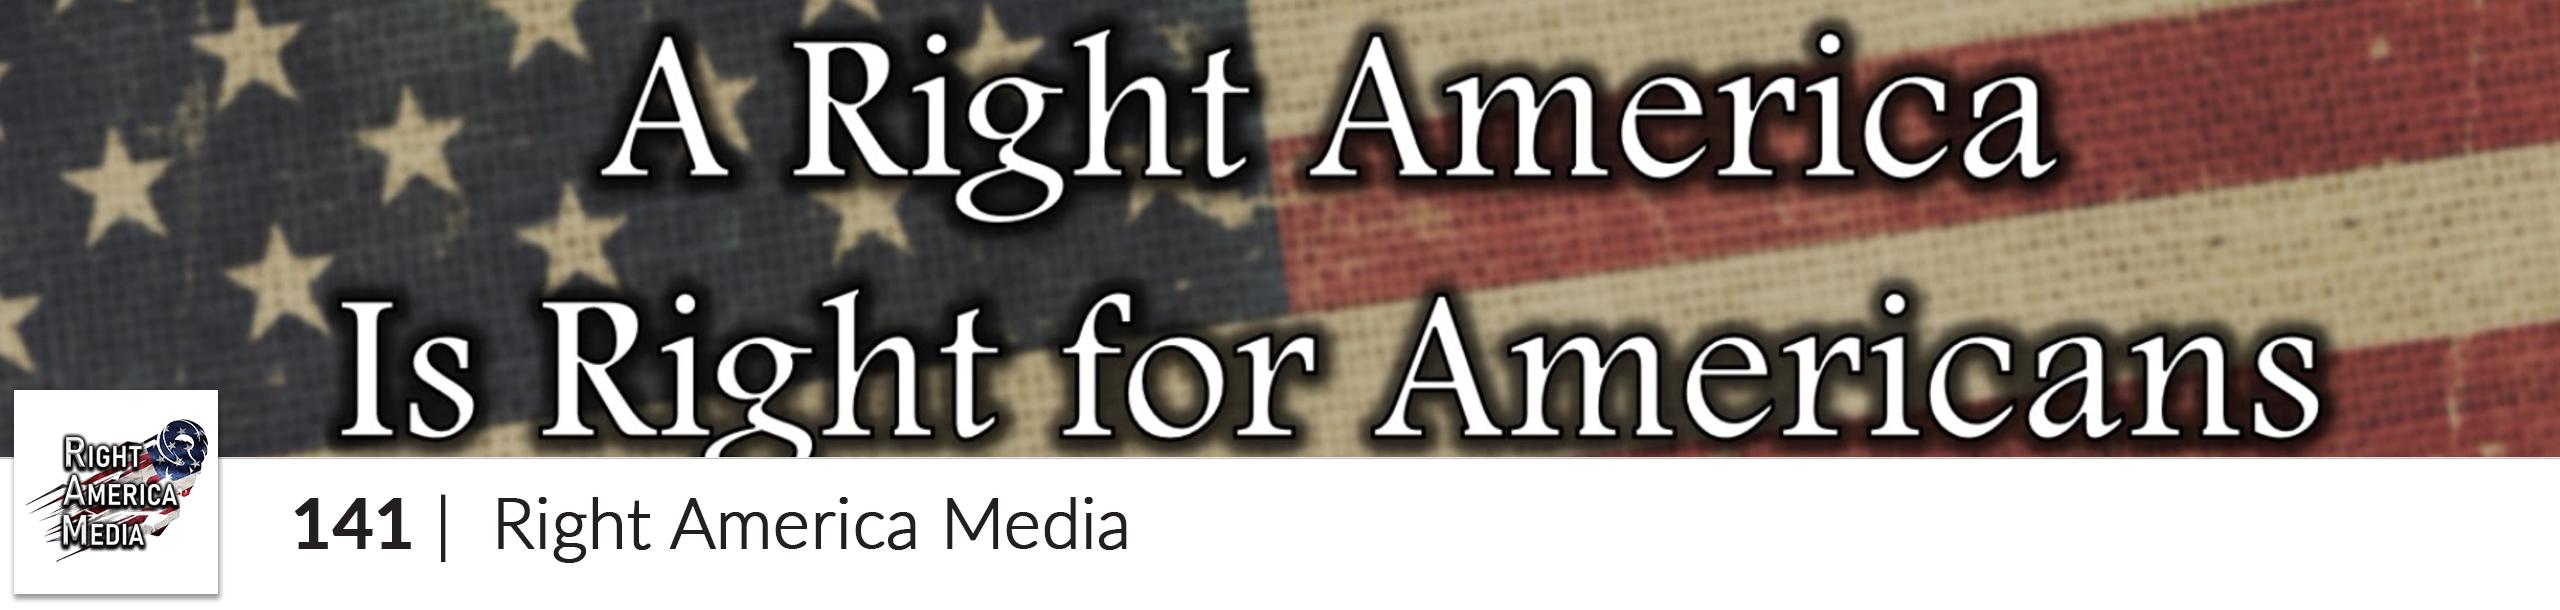 Right_America_Media-header1